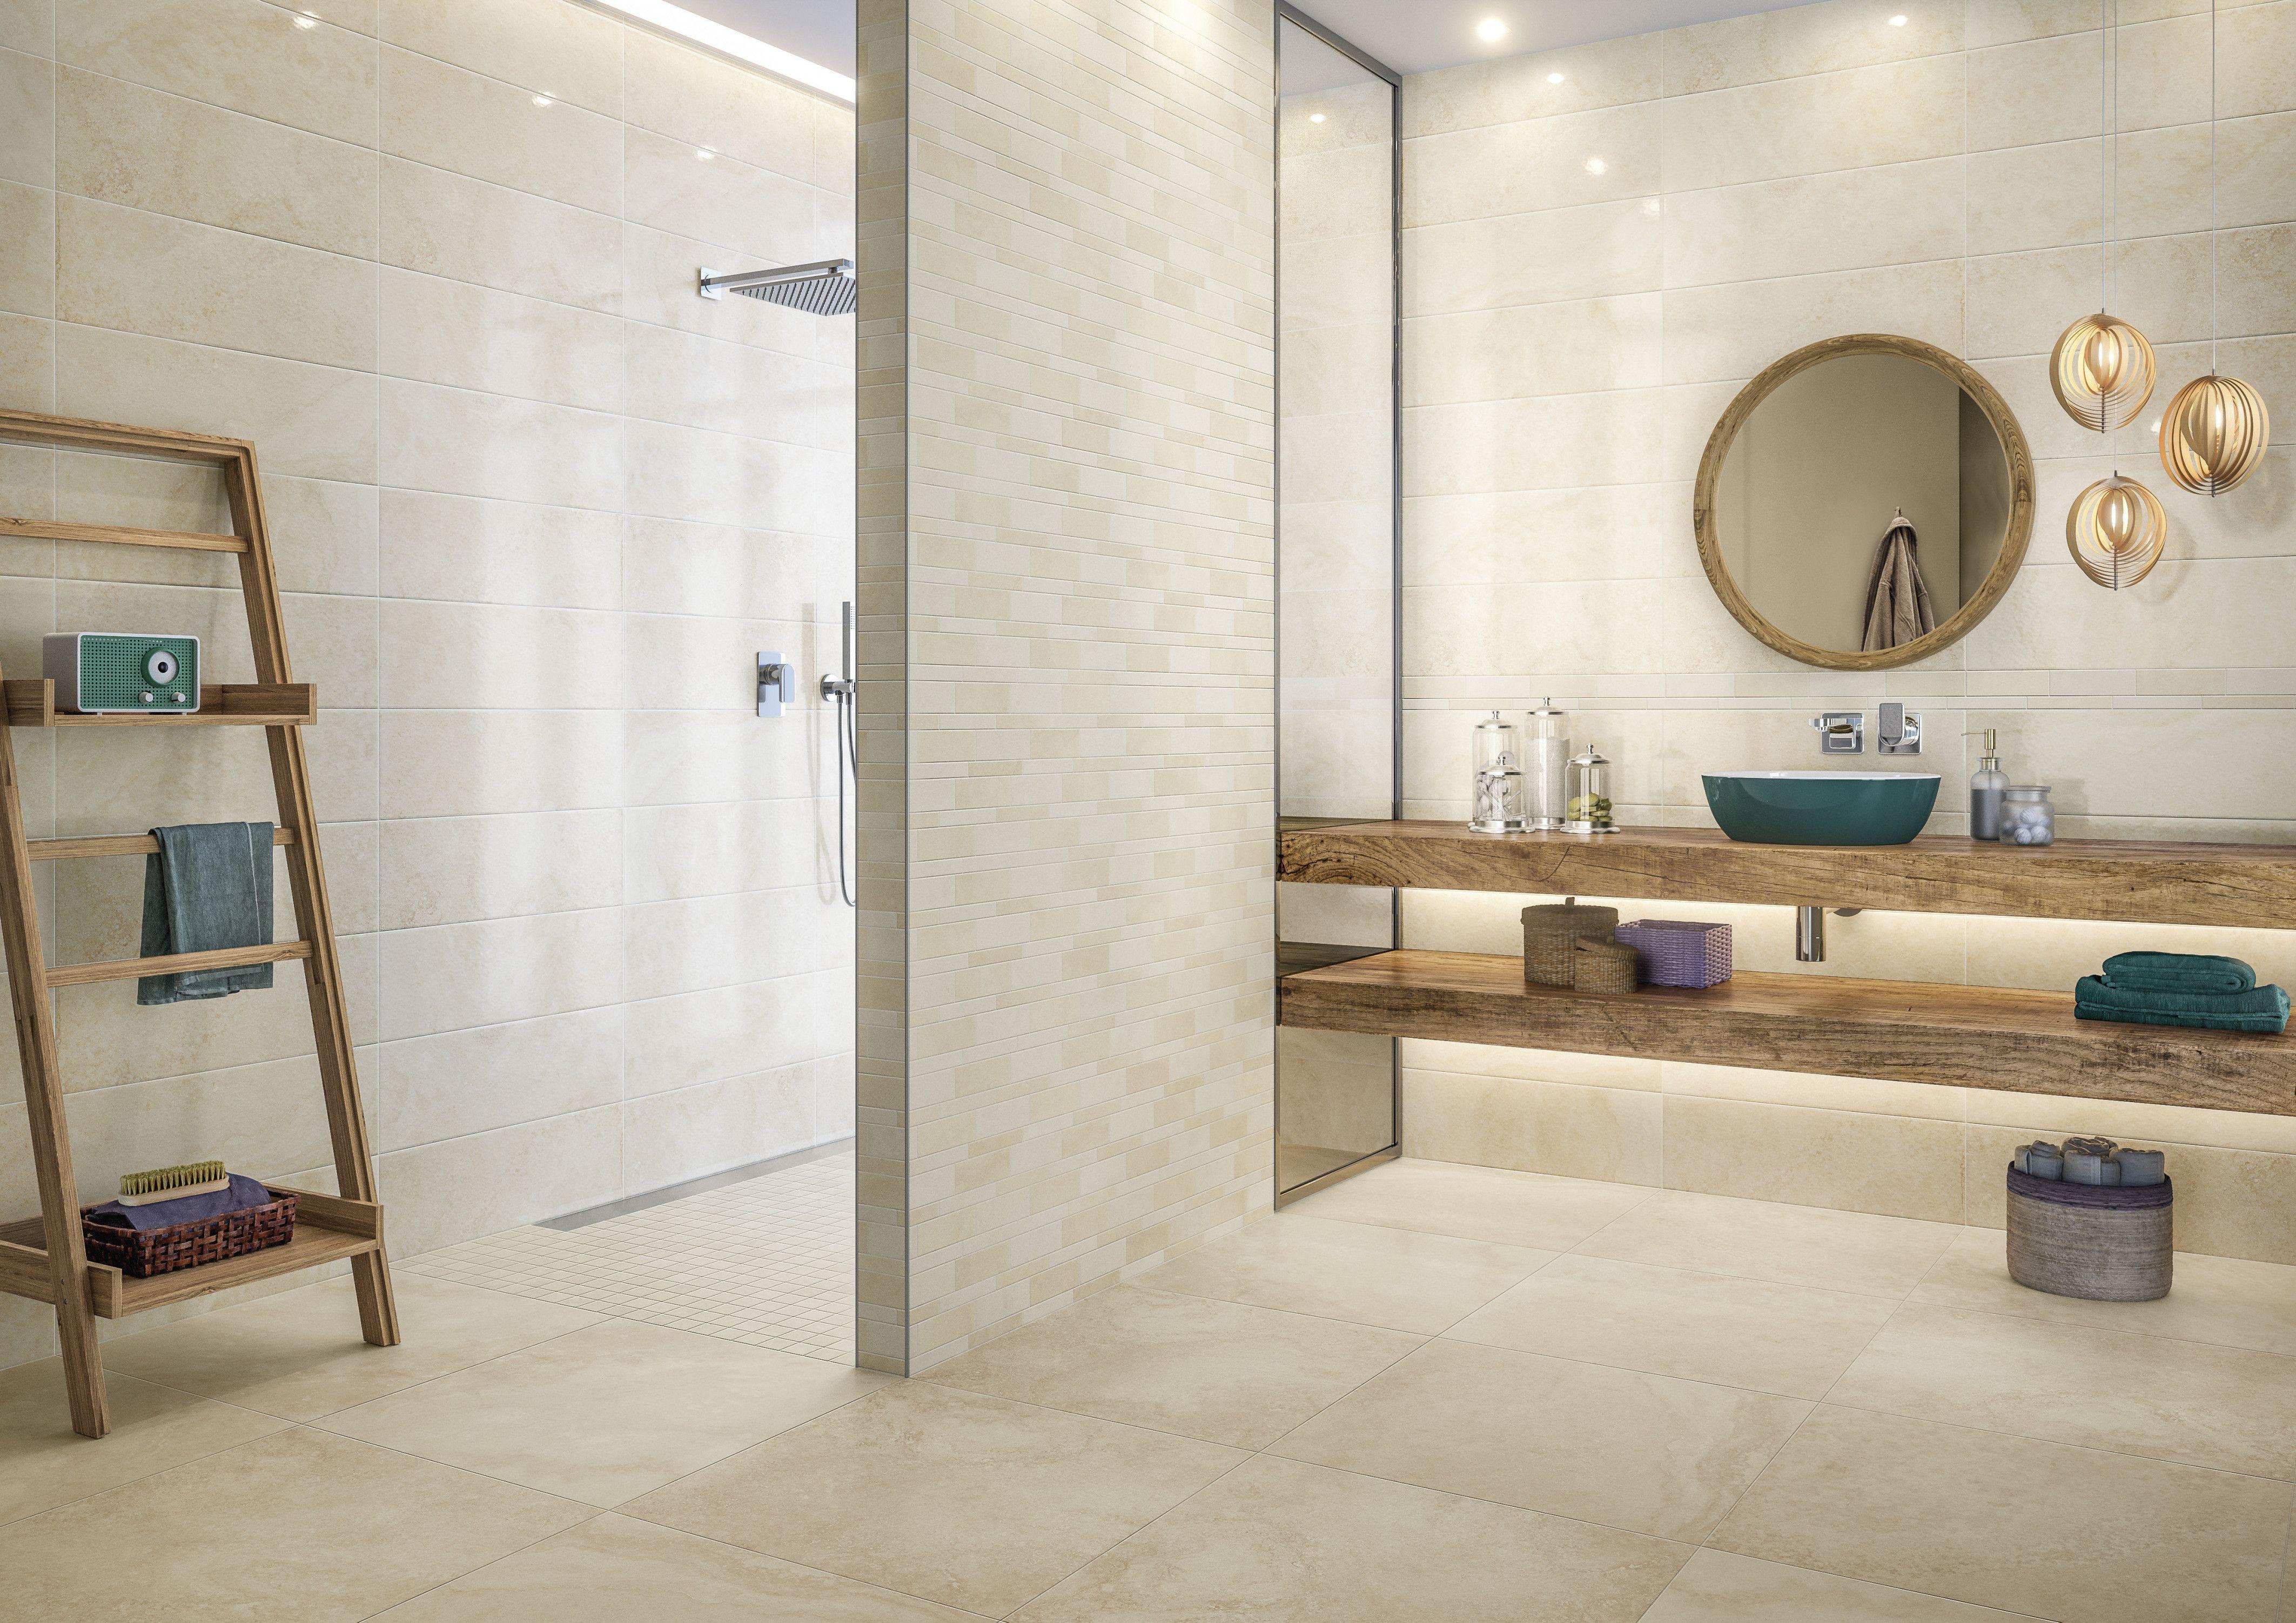 Badezimmertrends 2019 Von Schone Badezimmer Fliesen Photo Badezimmer Trends Badezimmer Fliesen Badezimmer